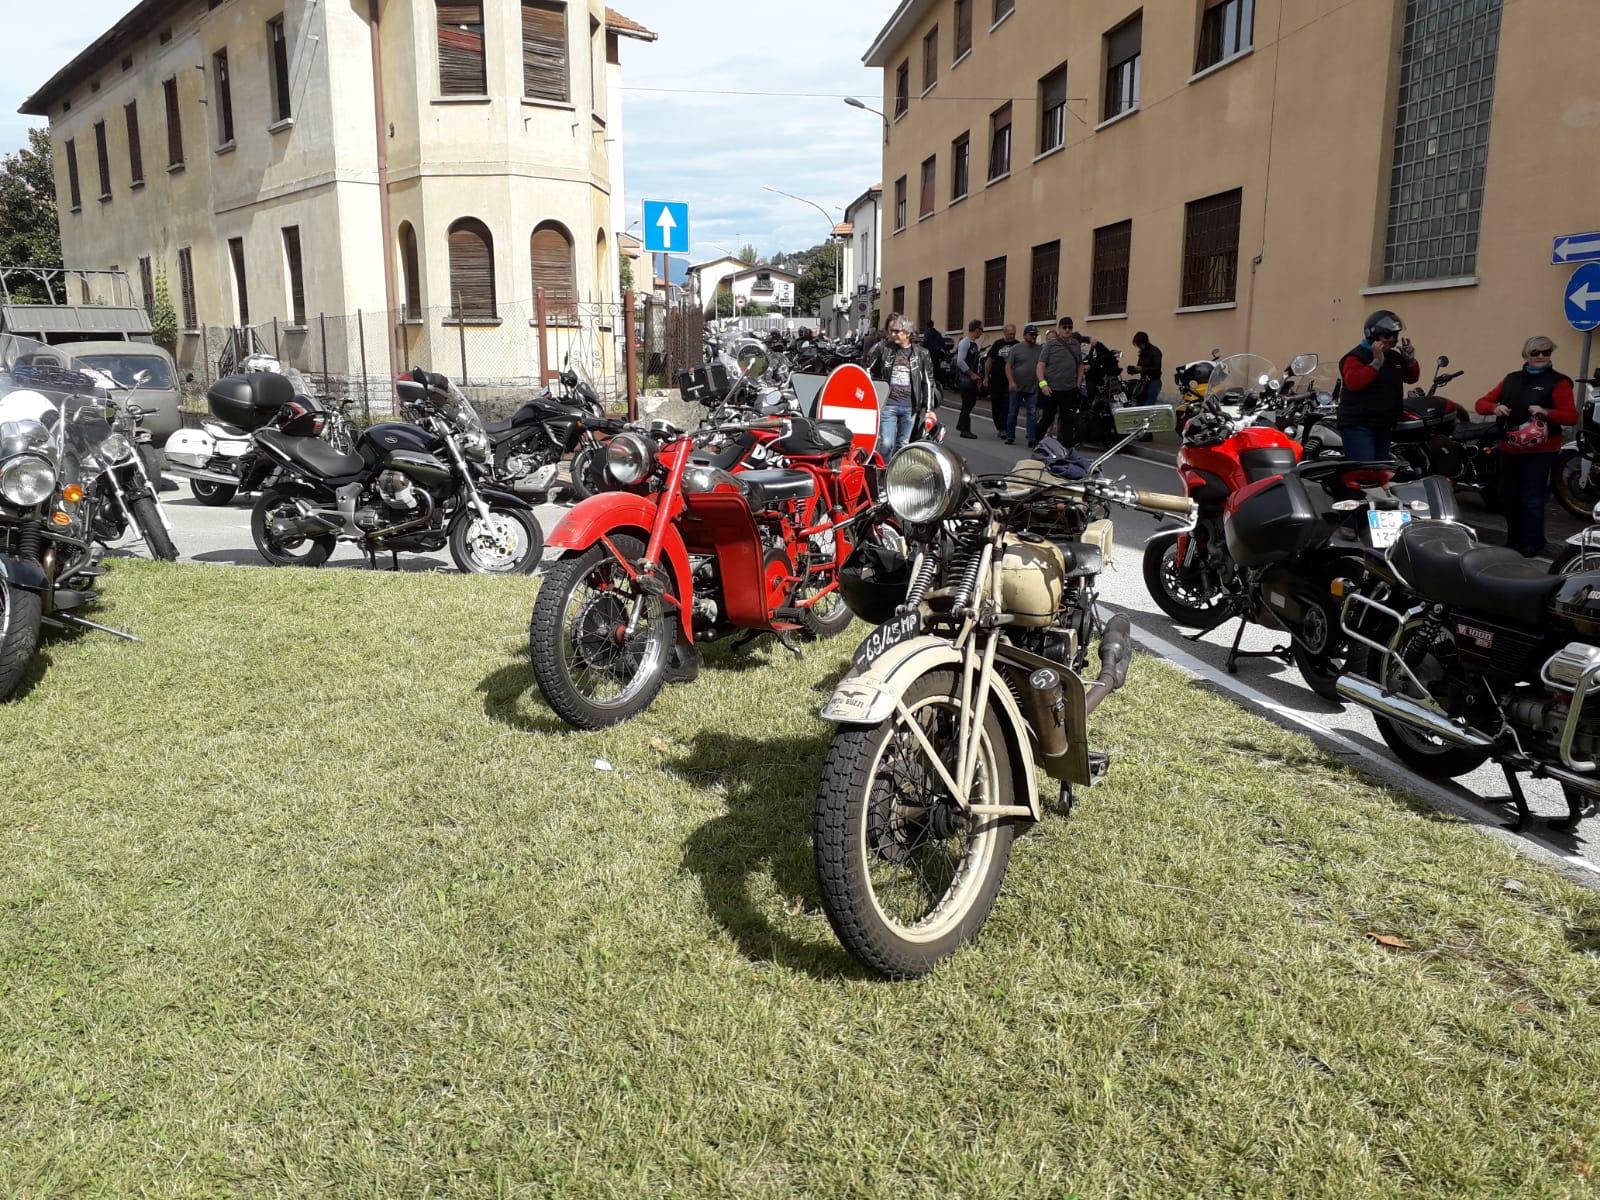 Moto Guzzi Raduno 2019 (2).jpeg